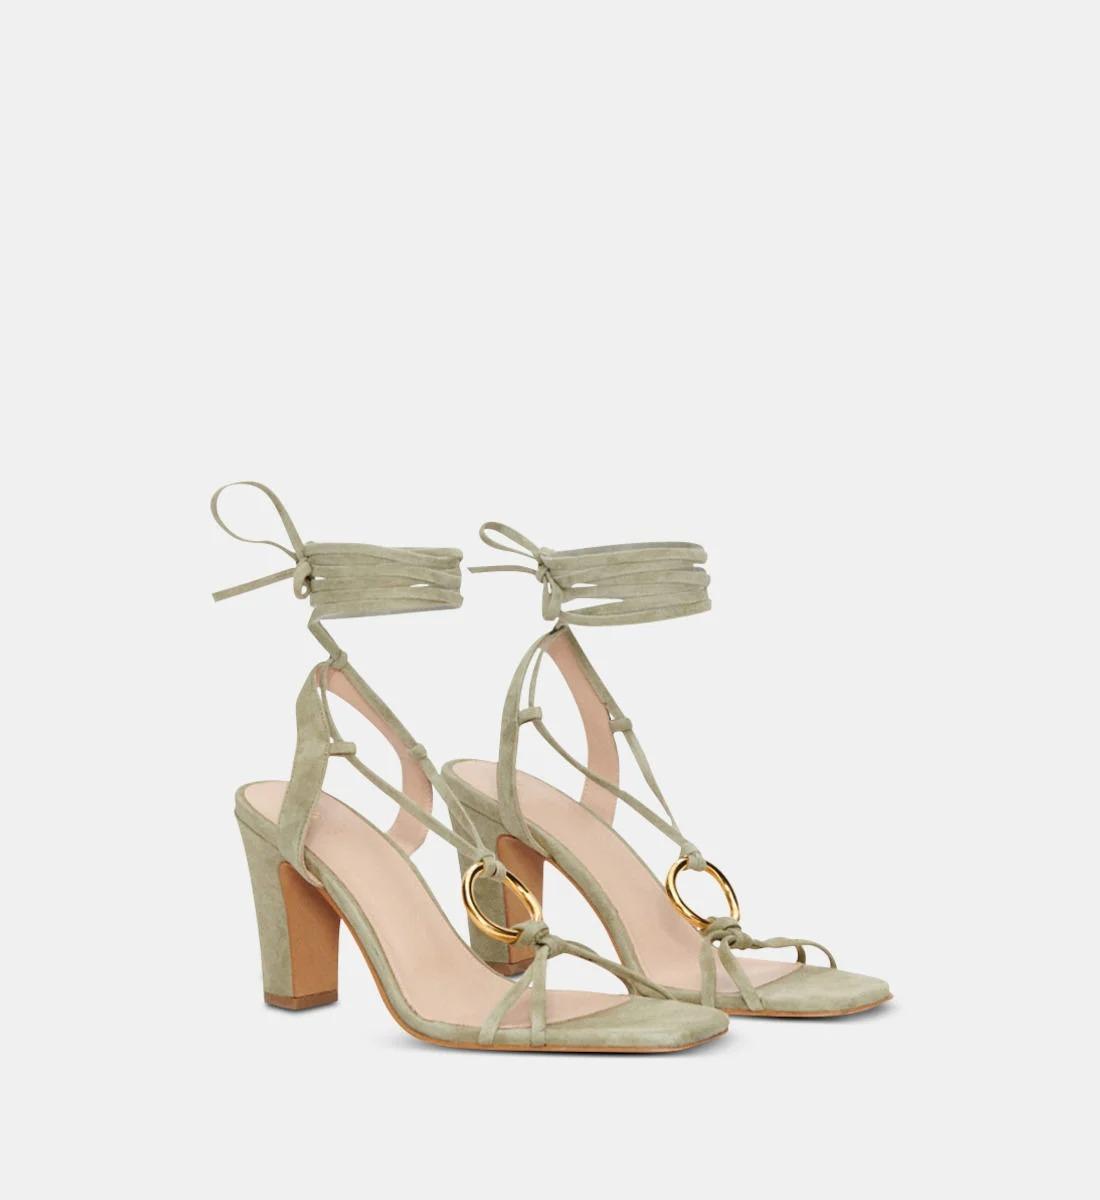 Sandales en cuir de chèvre velours orné d'un anneau, Claudie Pierlot, 147€ au lieu de 245€.